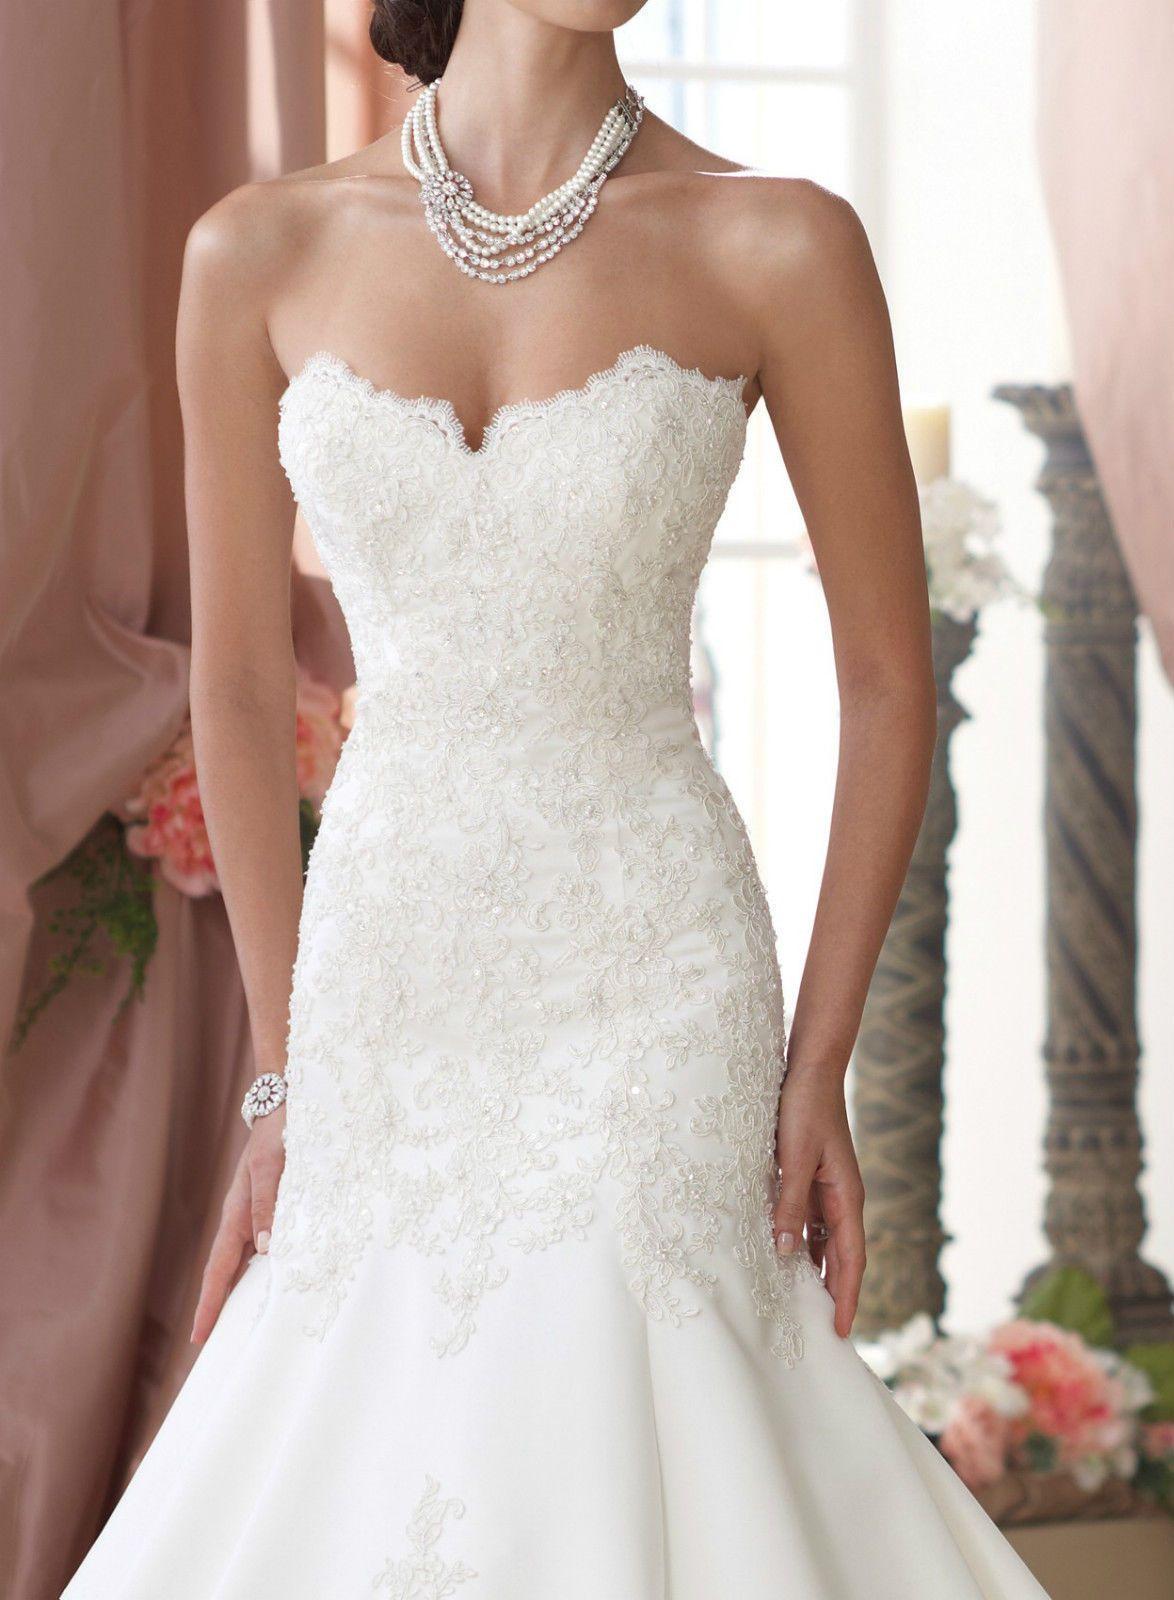 Sexy Satin Weiß/Elfenbein Brautkleid Ballkleid Hochzeitskleid 34 36 ...